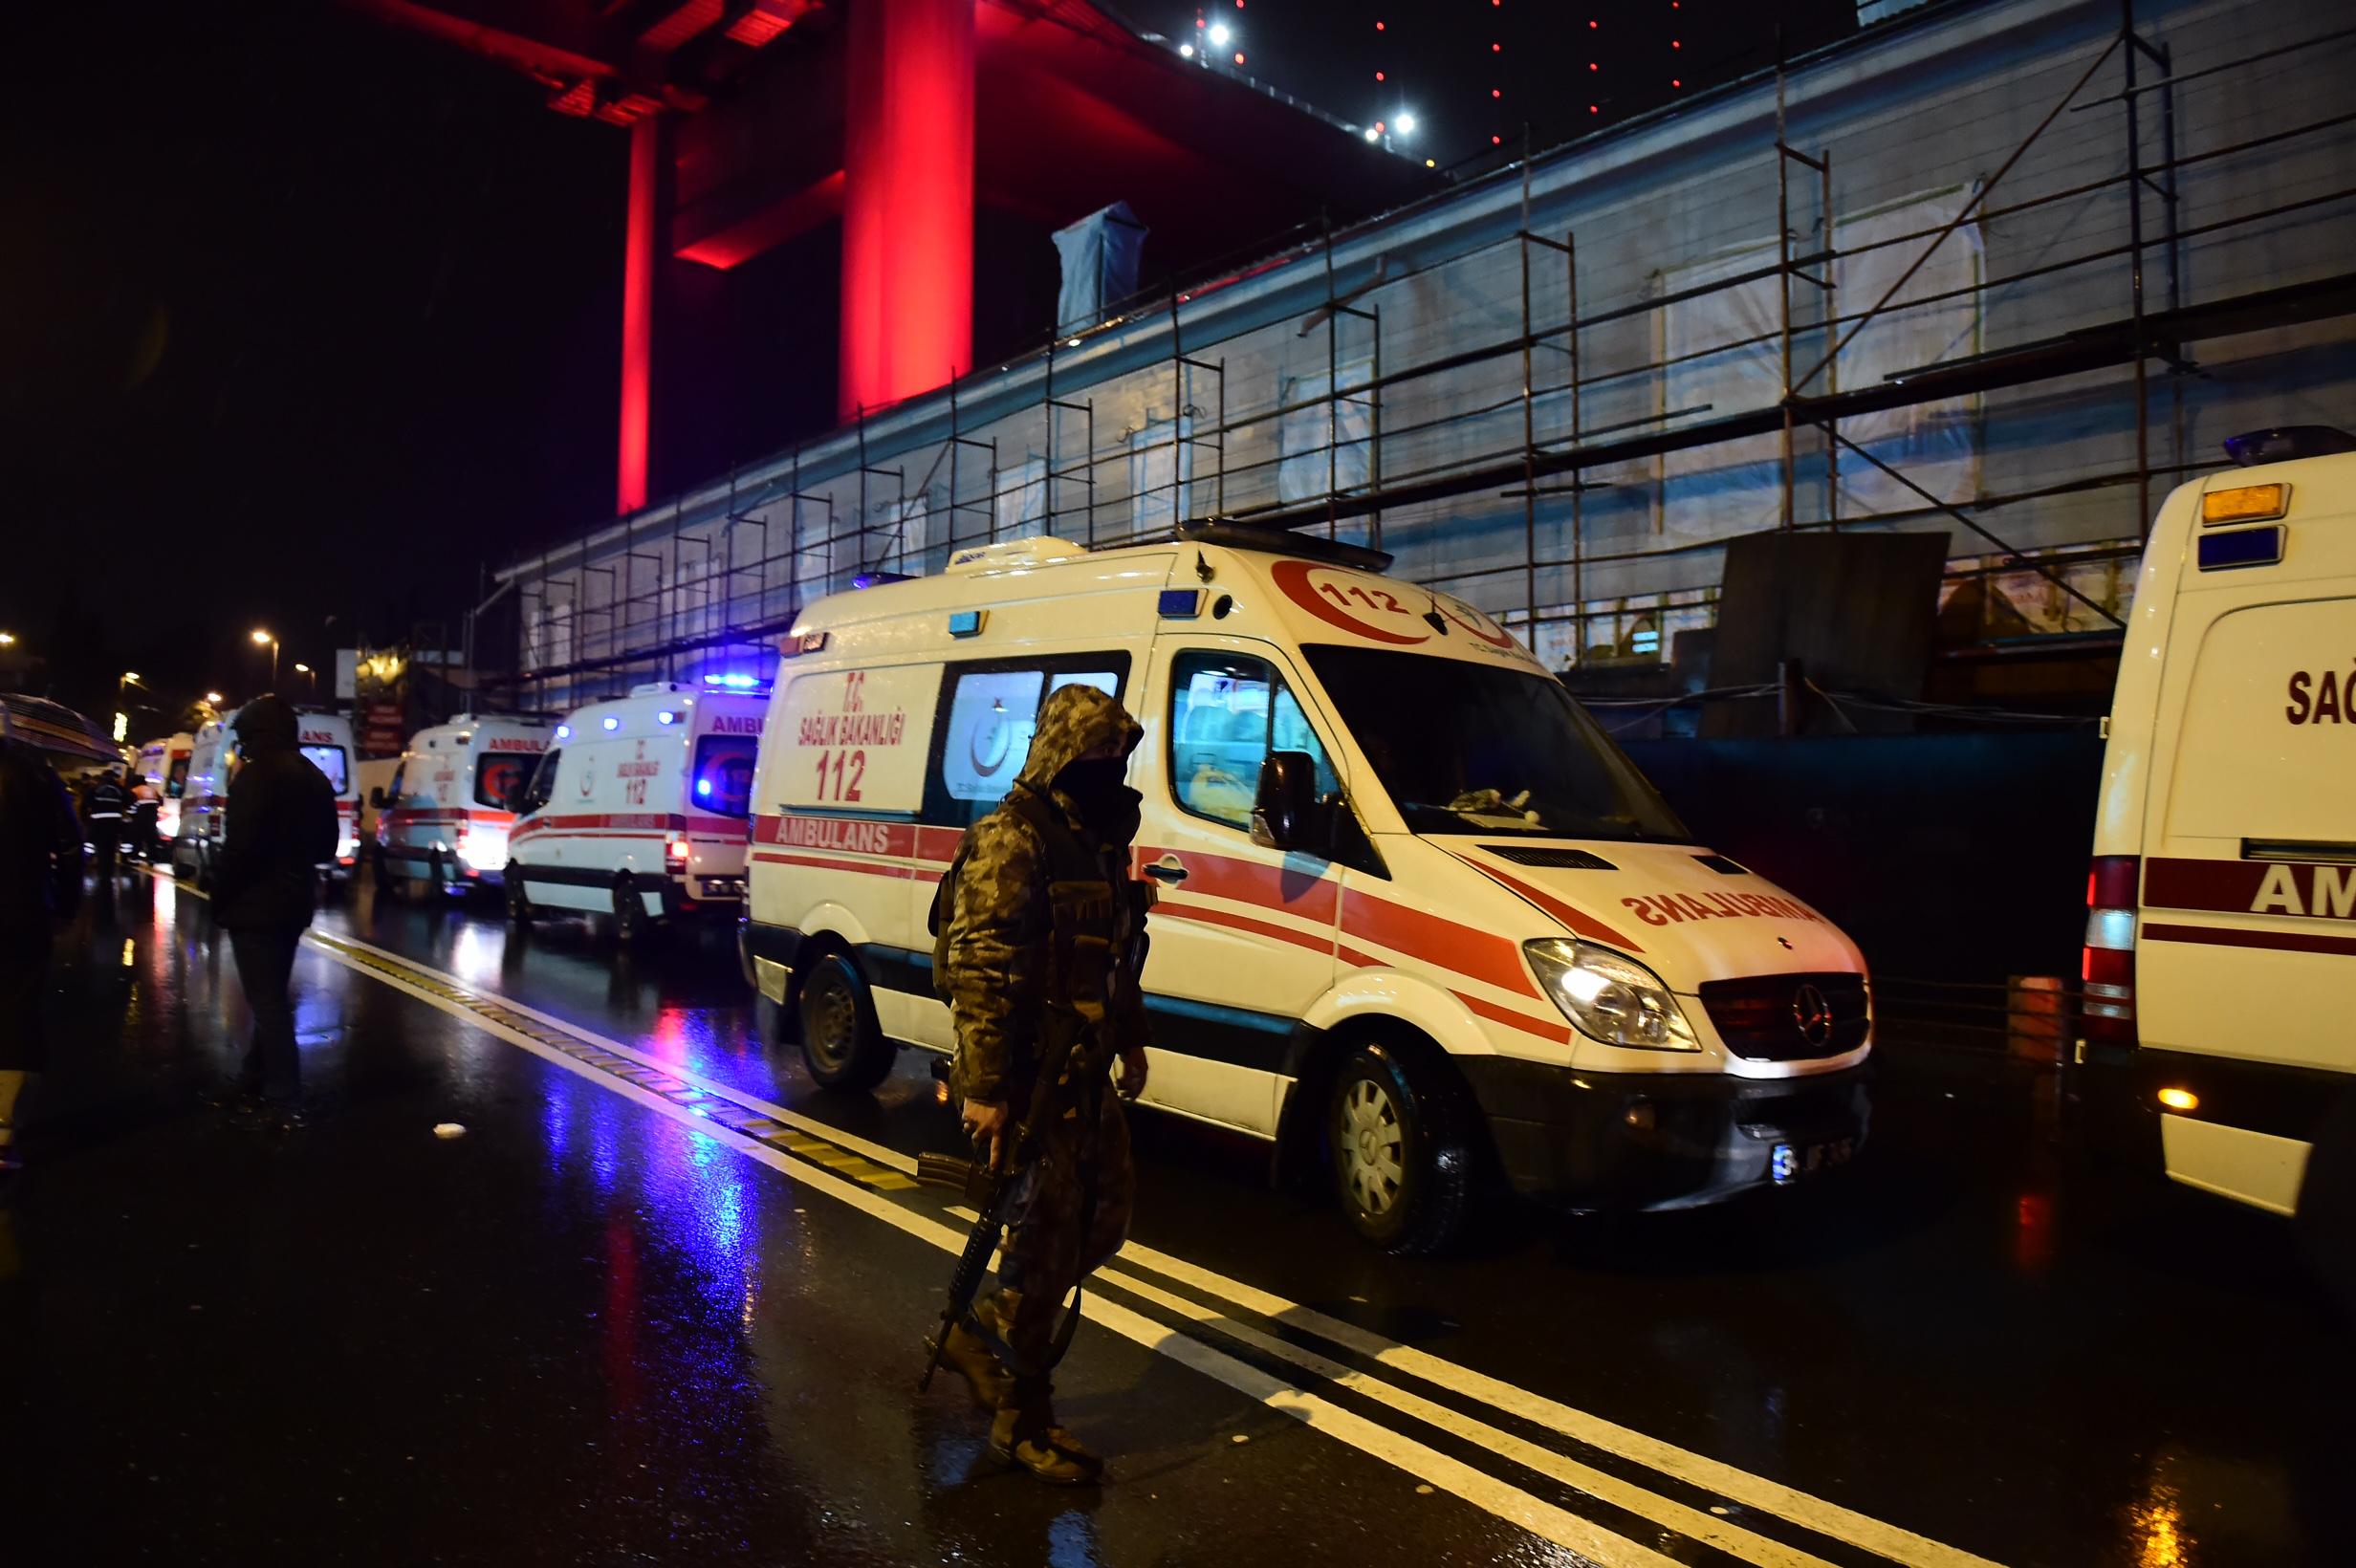 موقع الهجوم في اسطنبول حيث تواجدت قوات الأمن الخاصة وسيارات الإسعاف